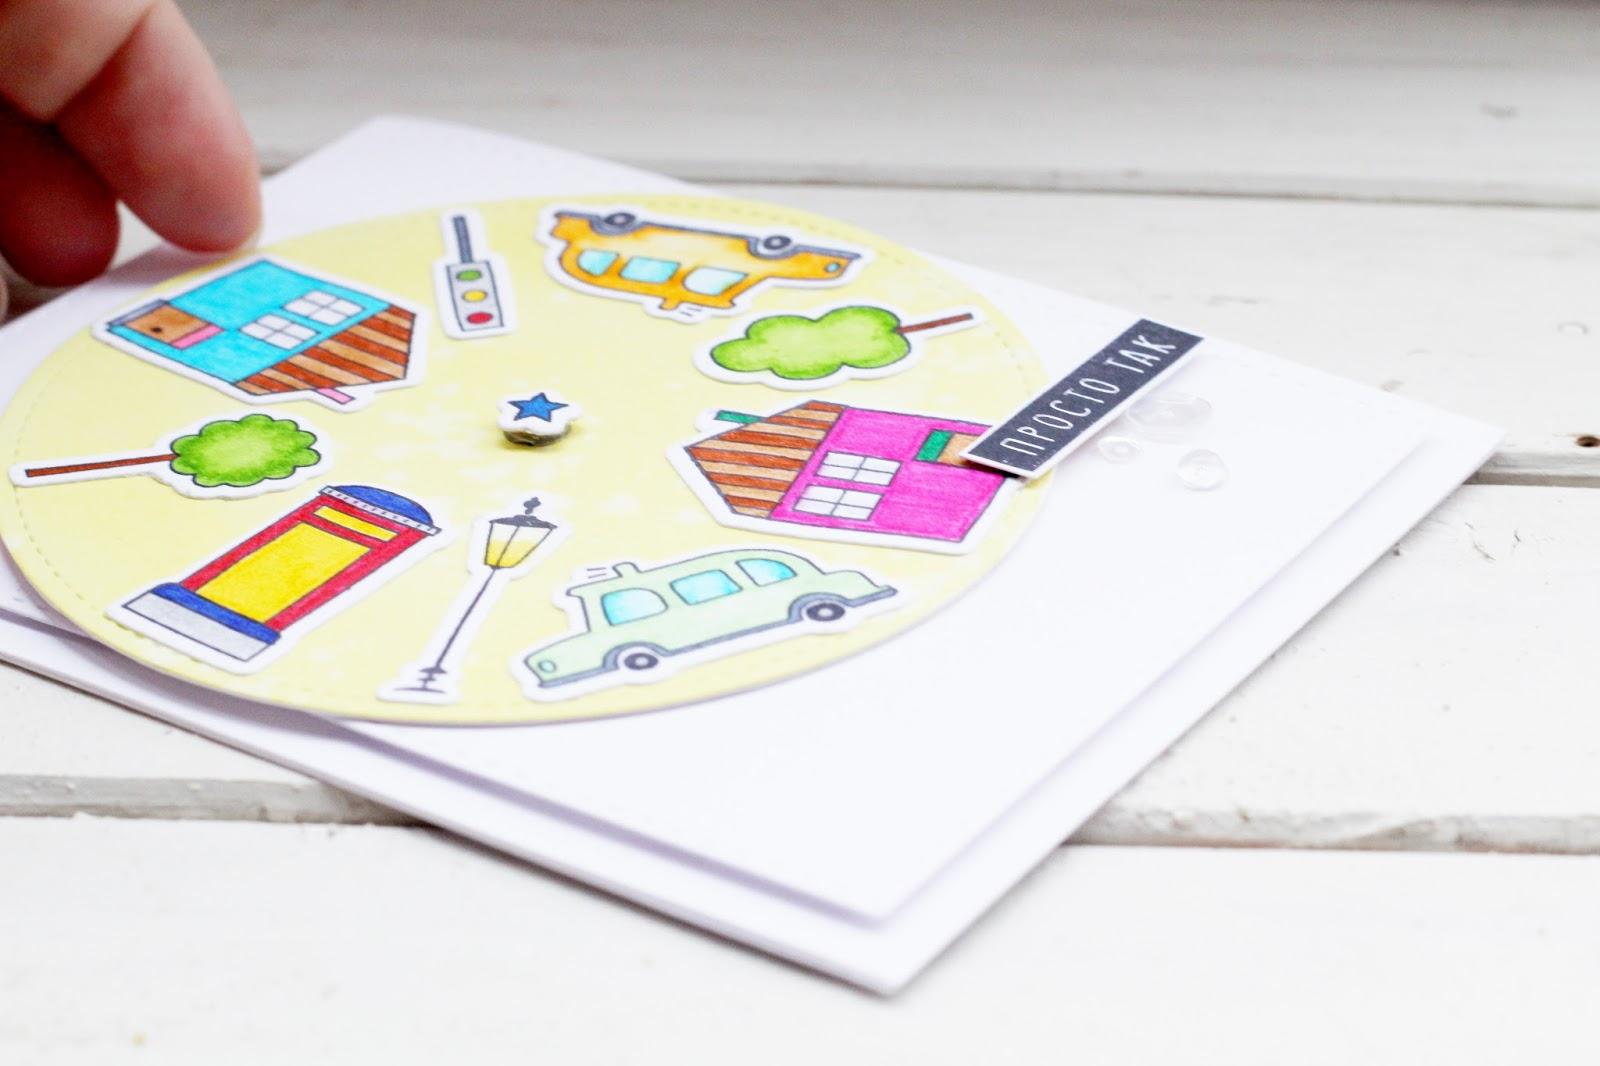 Создание интерактивных открыток просто так, аватарки или картинки